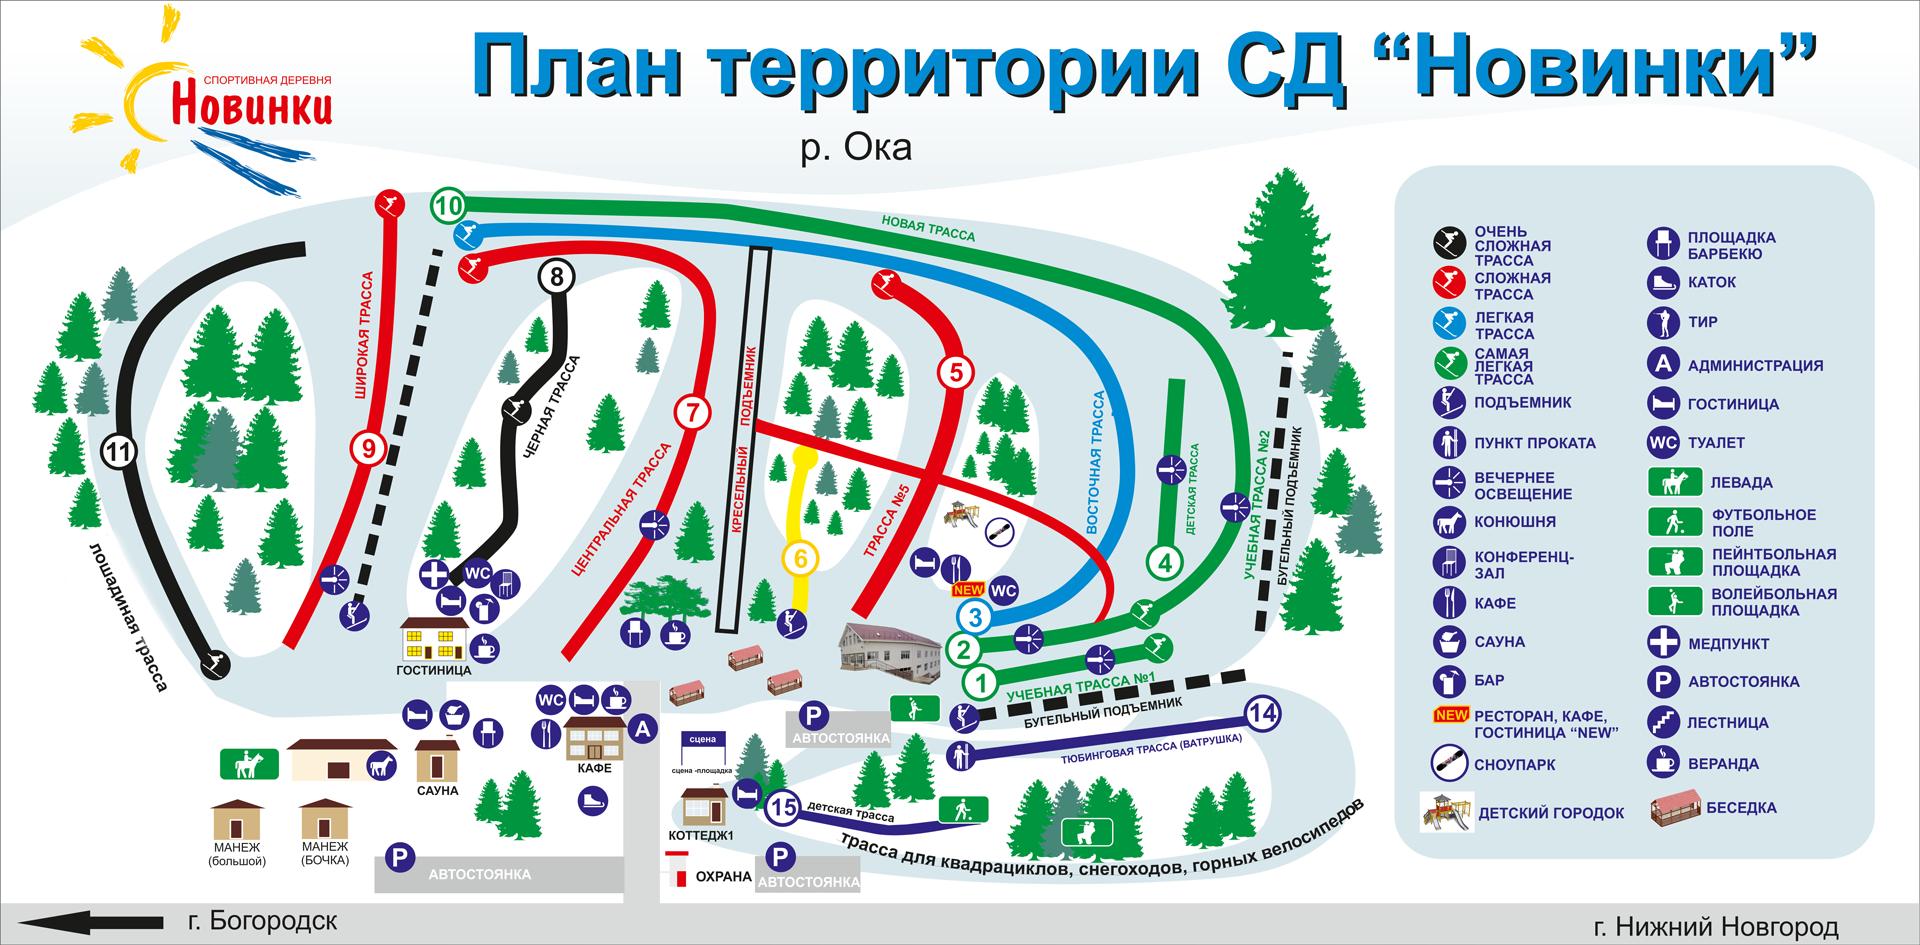 новинки схема трасс